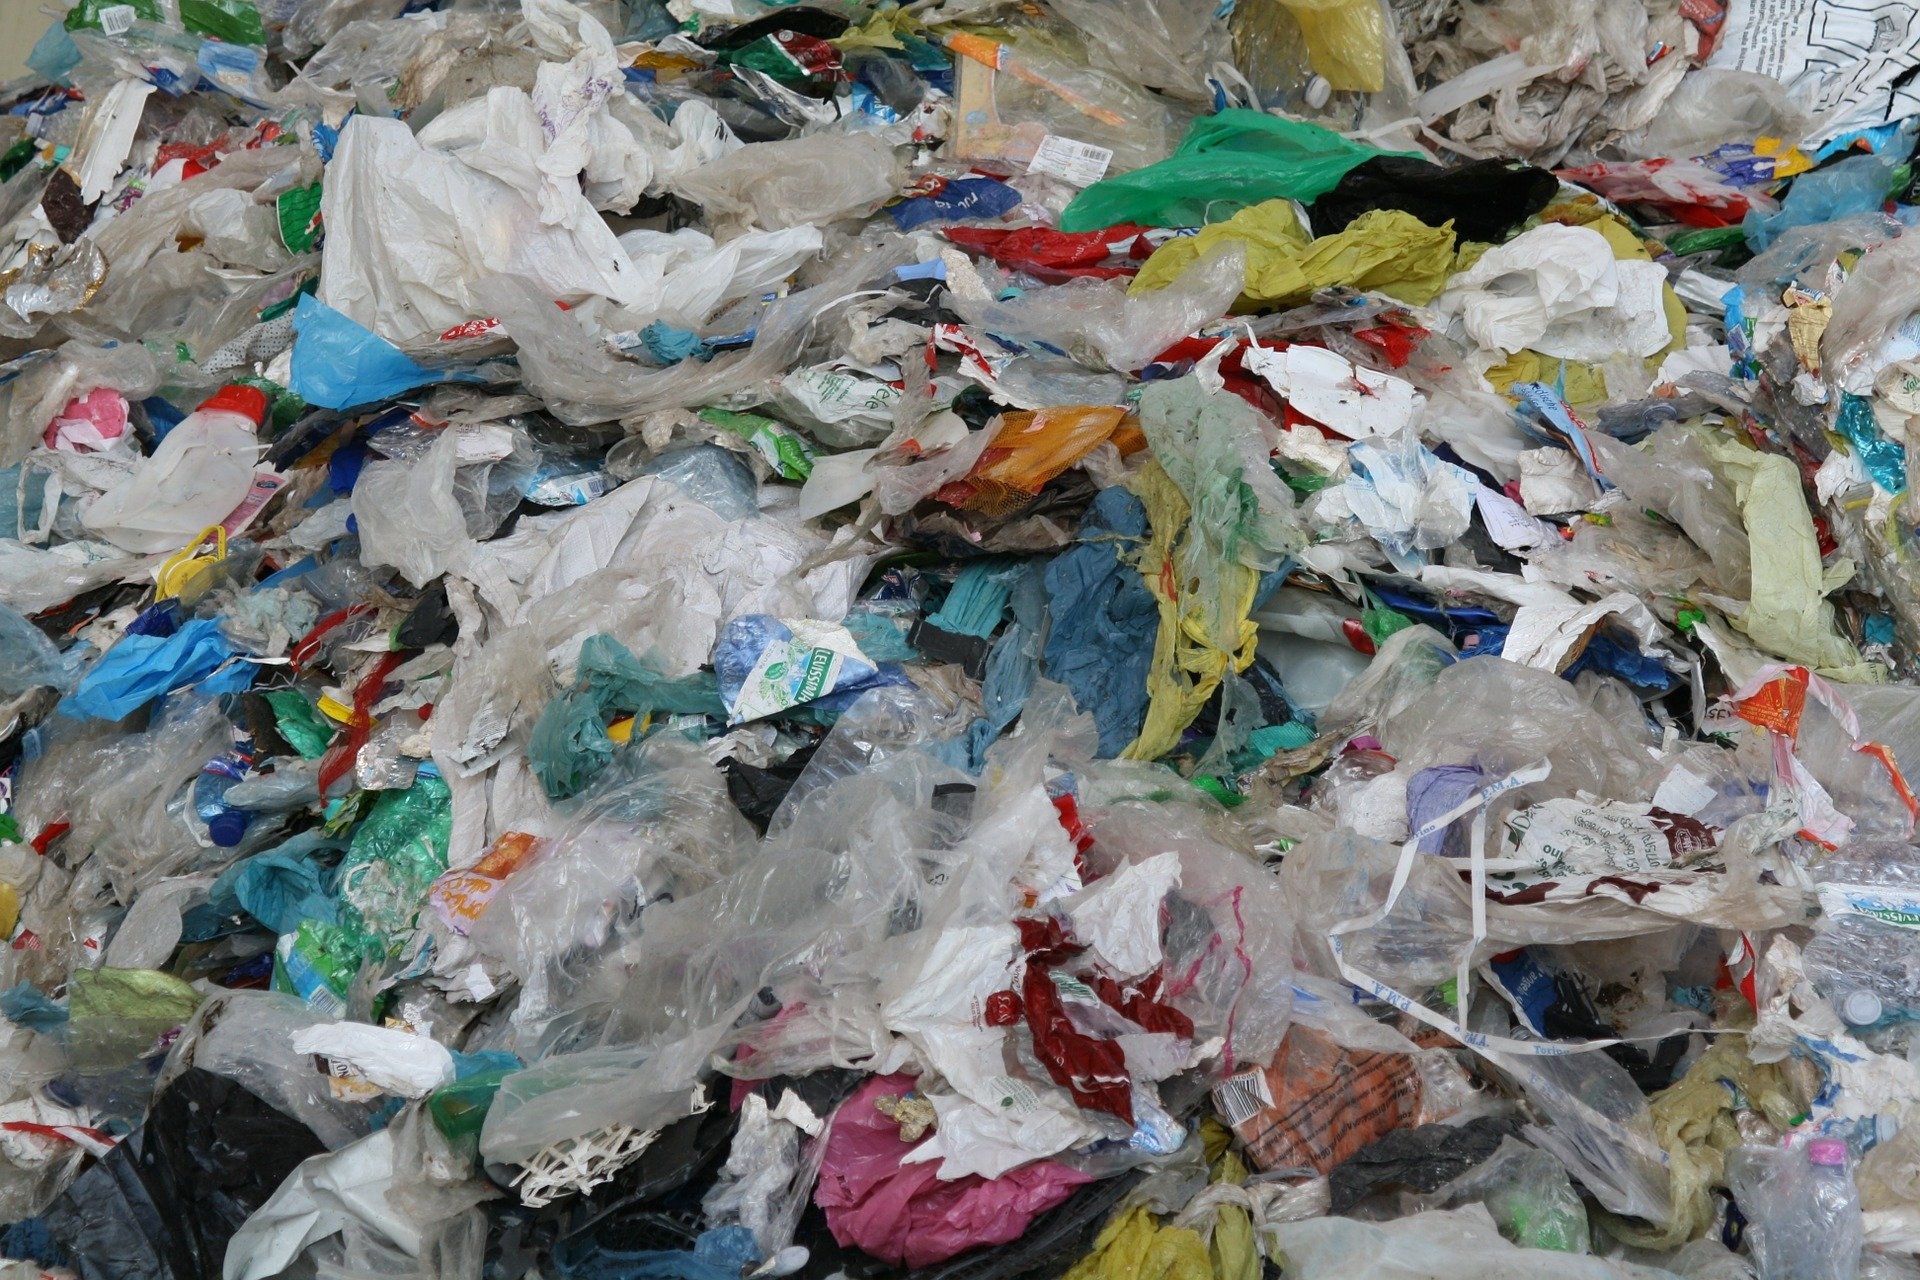 Settore ecologia: recupero plastica